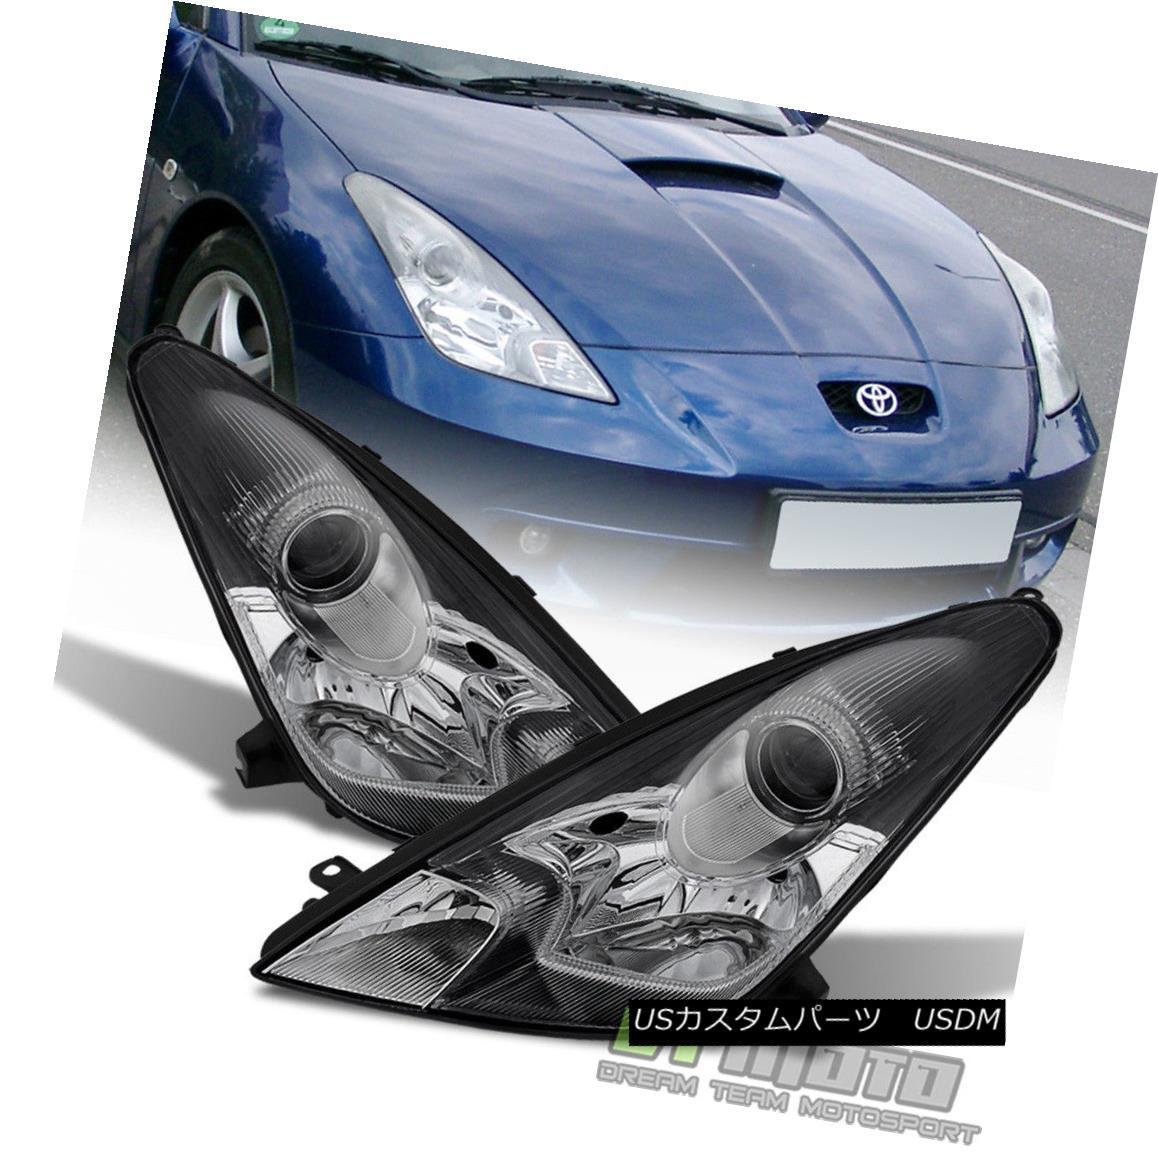 ヘッドライト [Factory Style] 2000-2005 Toyota Celica Projector Headlights Replacement Lights [工場スタイル] 2000-2005トヨタセリカプロジェクターヘッドライト交換ライト